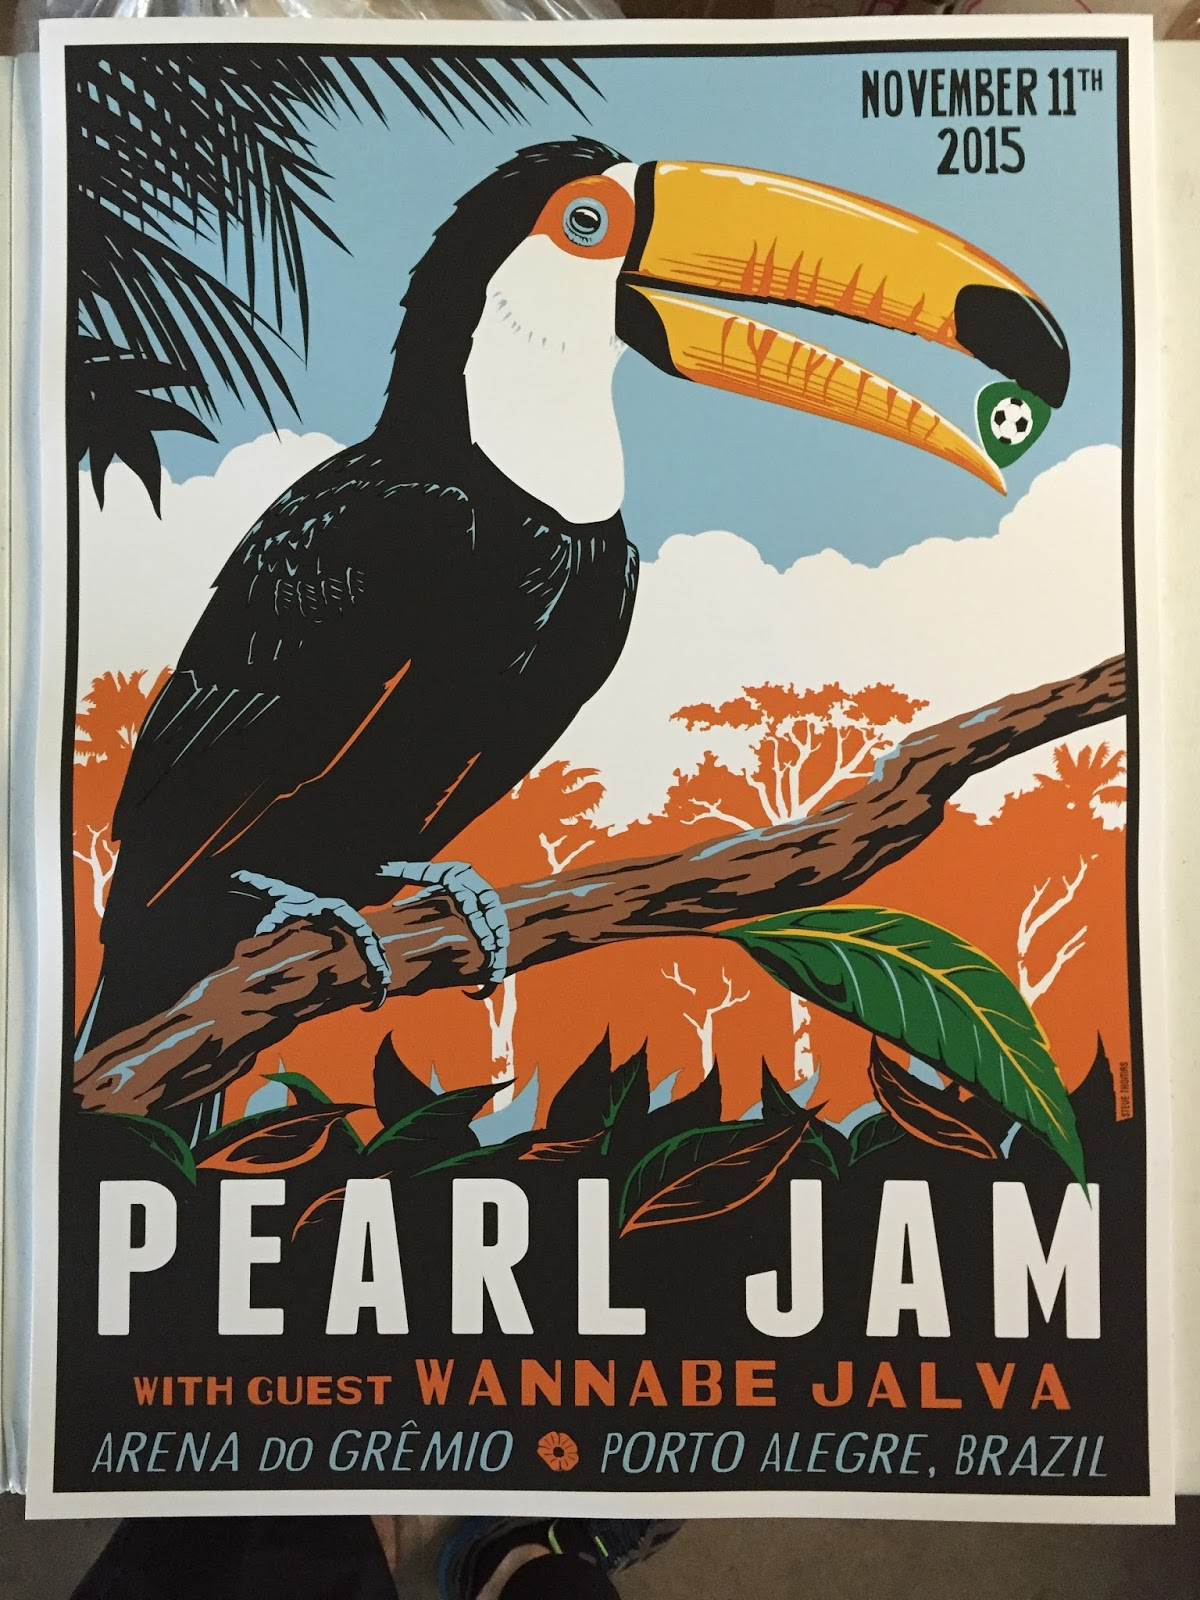 INSIDE THE ROCK POSTER FRAME BLOG: Steve Thomas Pearl Jam ...